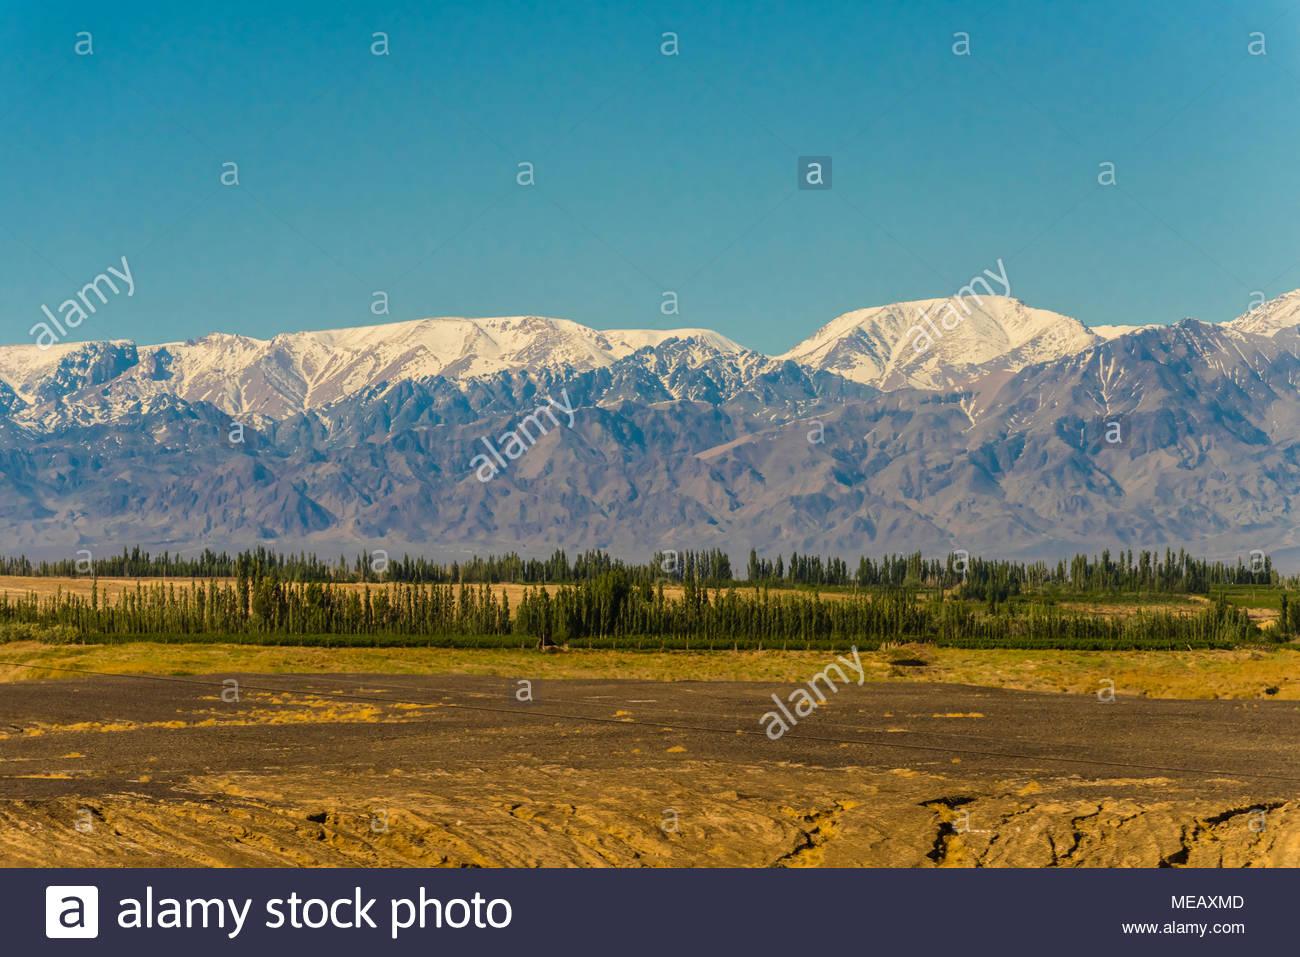 Las montañas cubiertas de nieve, visto desde el tren entre en la provincia de Gansu y Dunhuang Turpan en la provincia de Xinjiang. Al norte (detrás de las montañas) se encuentra la Imagen De Stock